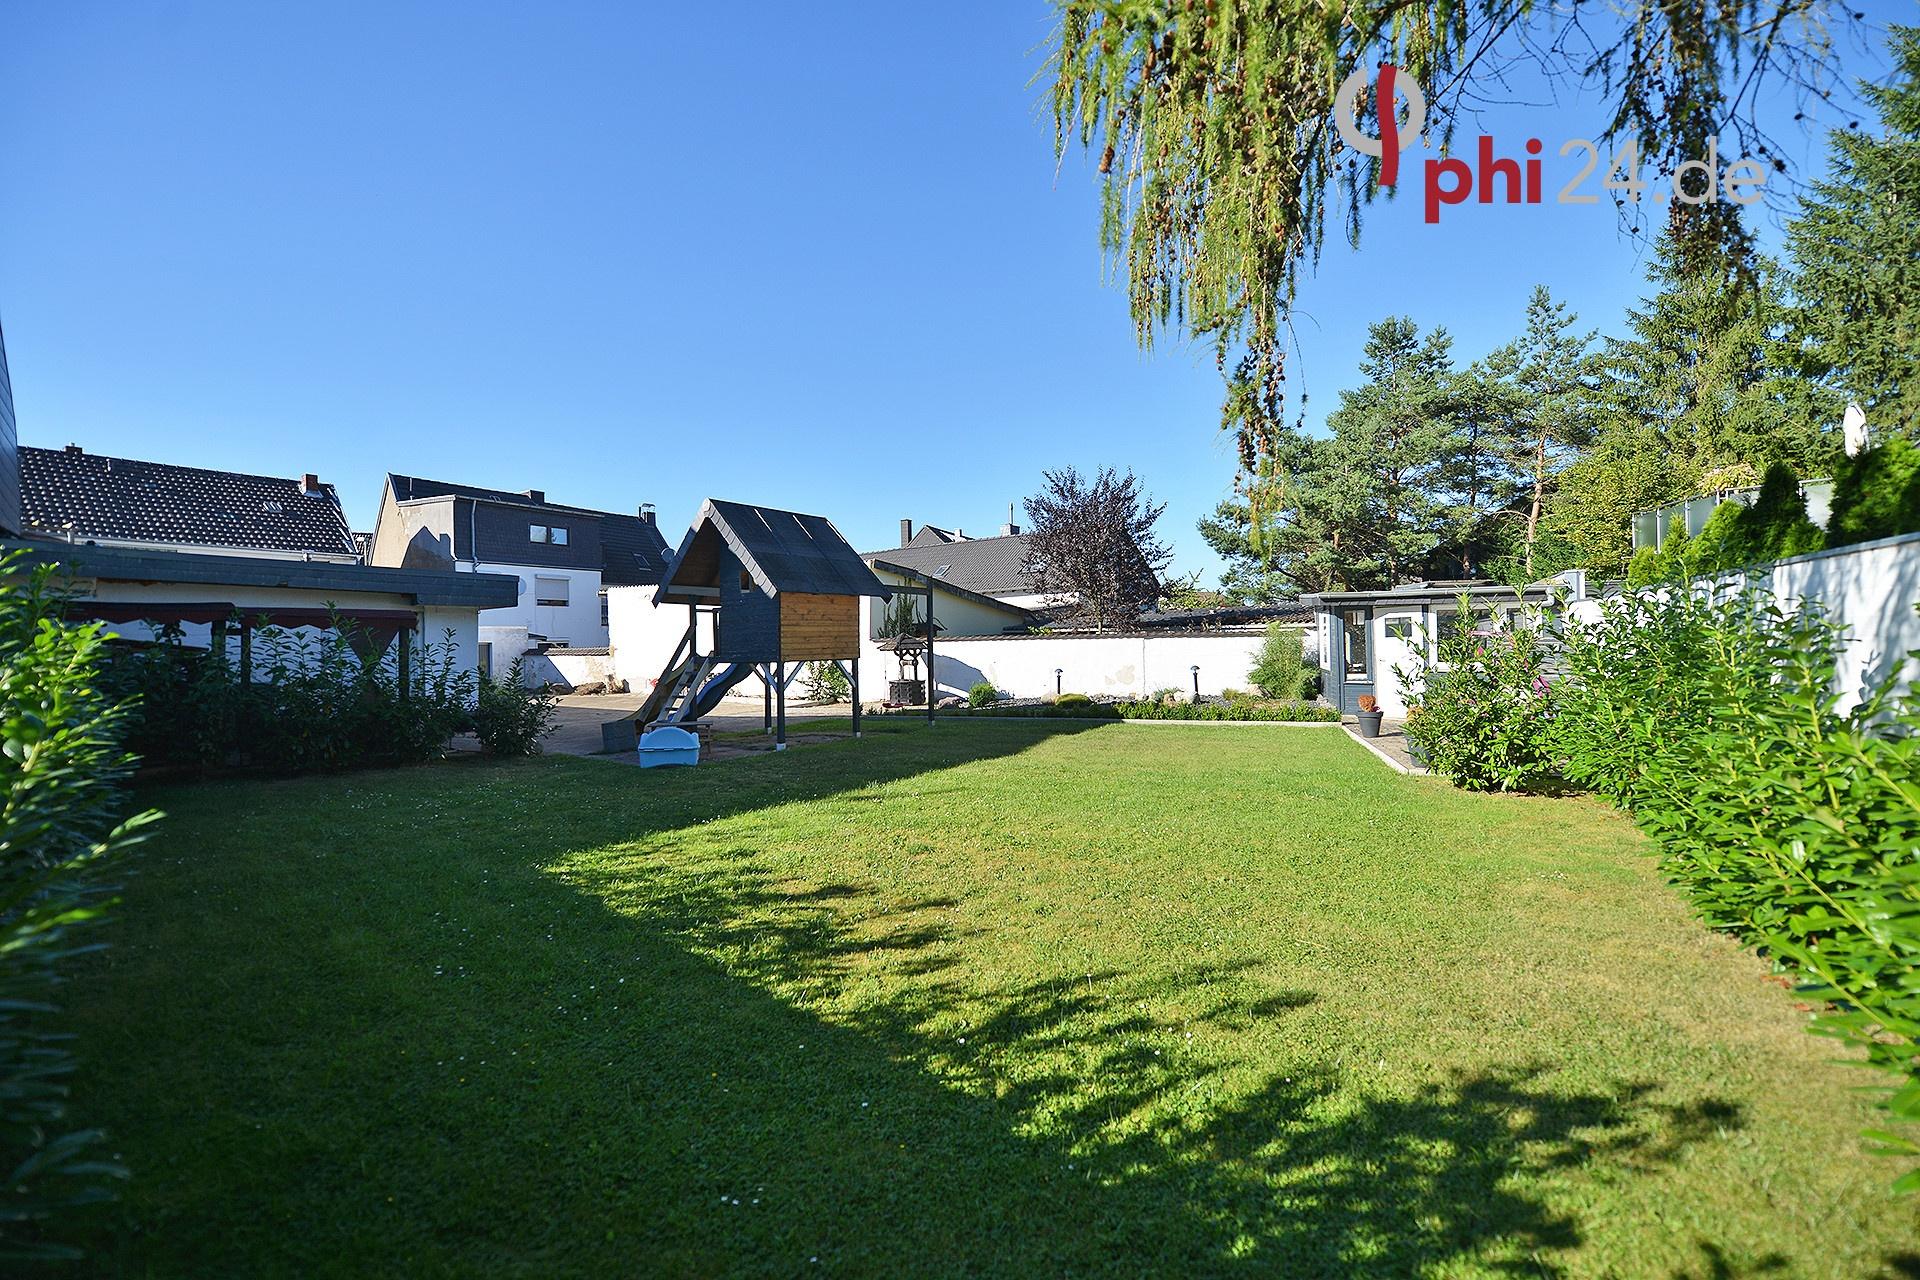 Immobilienmakler Langerwehe Einfamilienhaus referenzen mit Immobilienbewertung